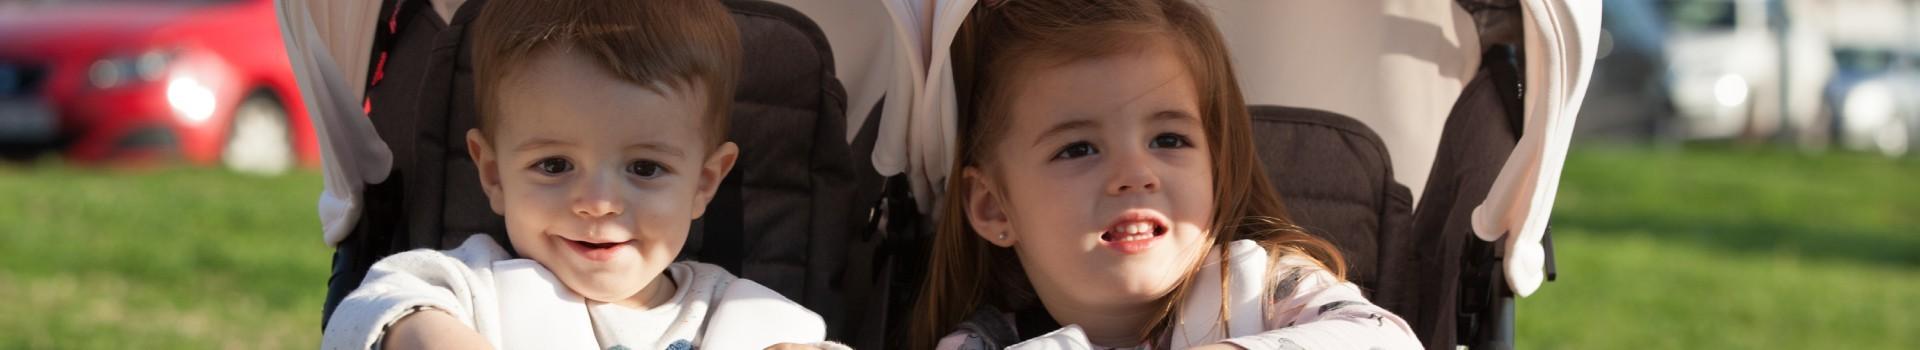 Bolsas de transporte para la silla del bebé | Baby Monsters